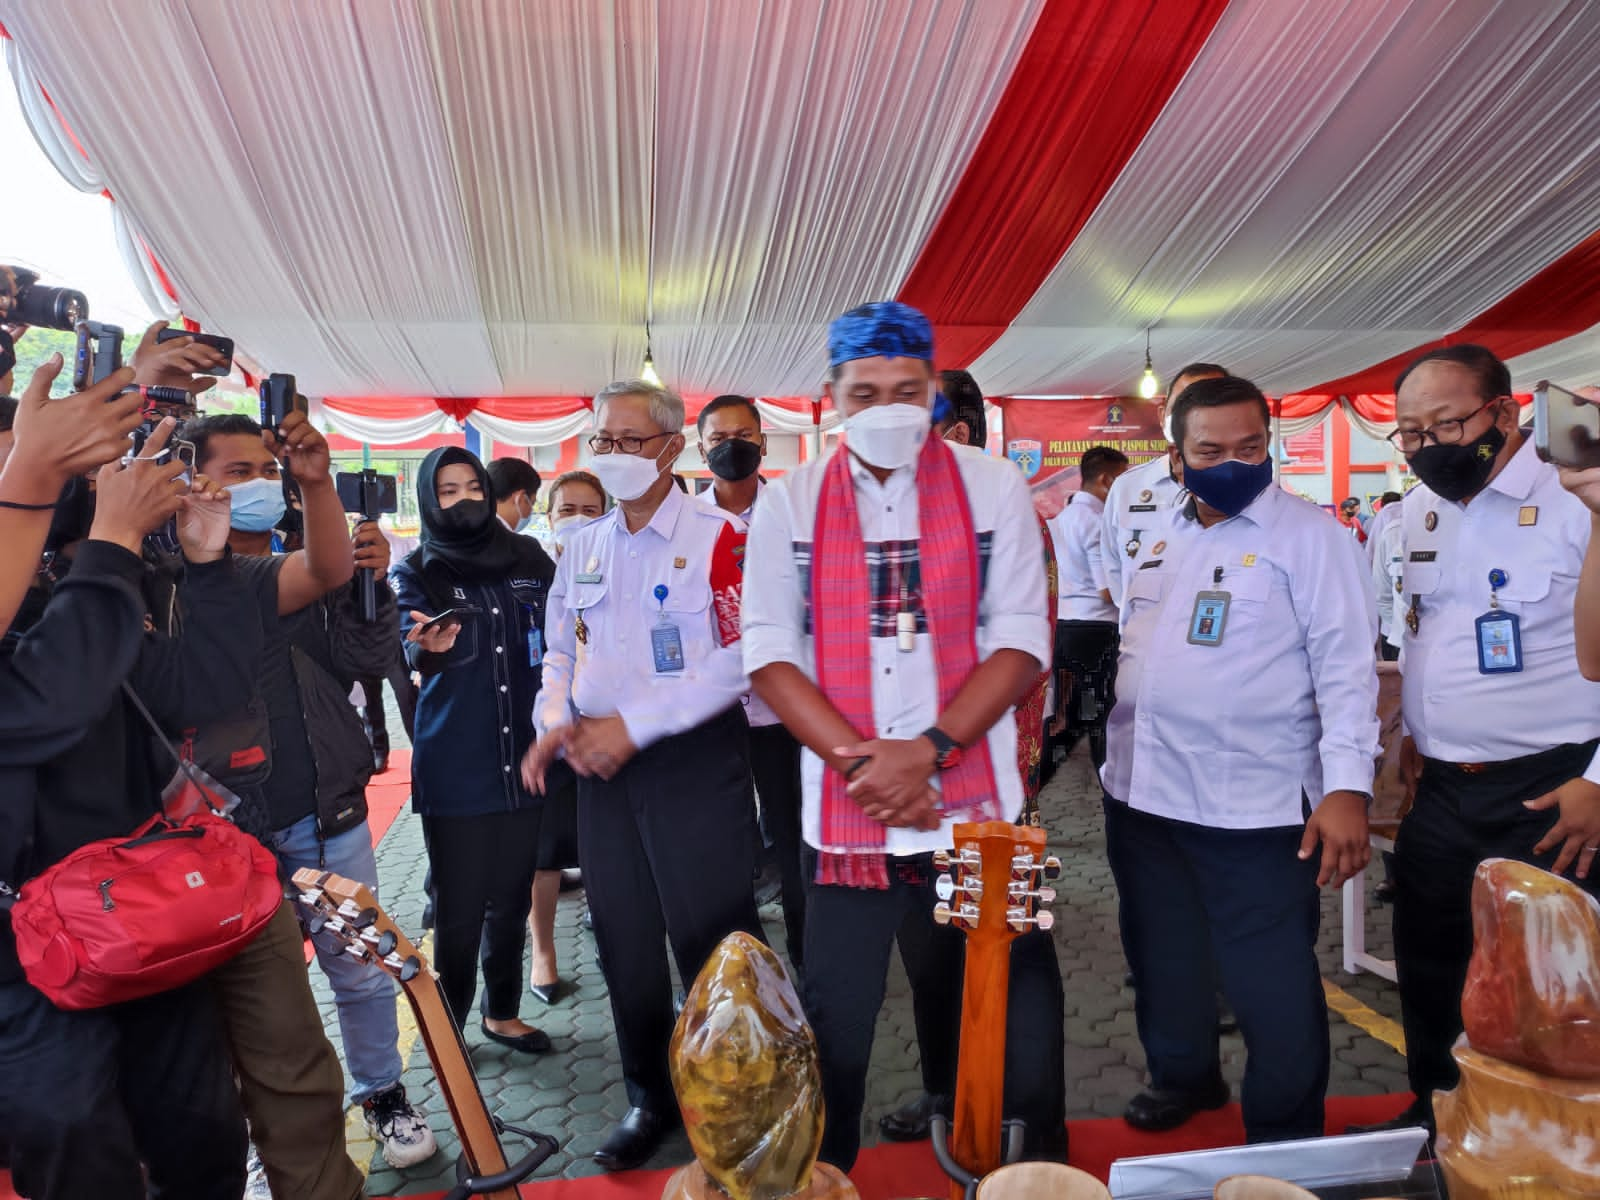 Hari Dharma Karya Dhika (HDKD) 2021 Kementerian Hukum dan HAM, Kantor Wilayah Kemenkumham Banten Mengadakan Pameran